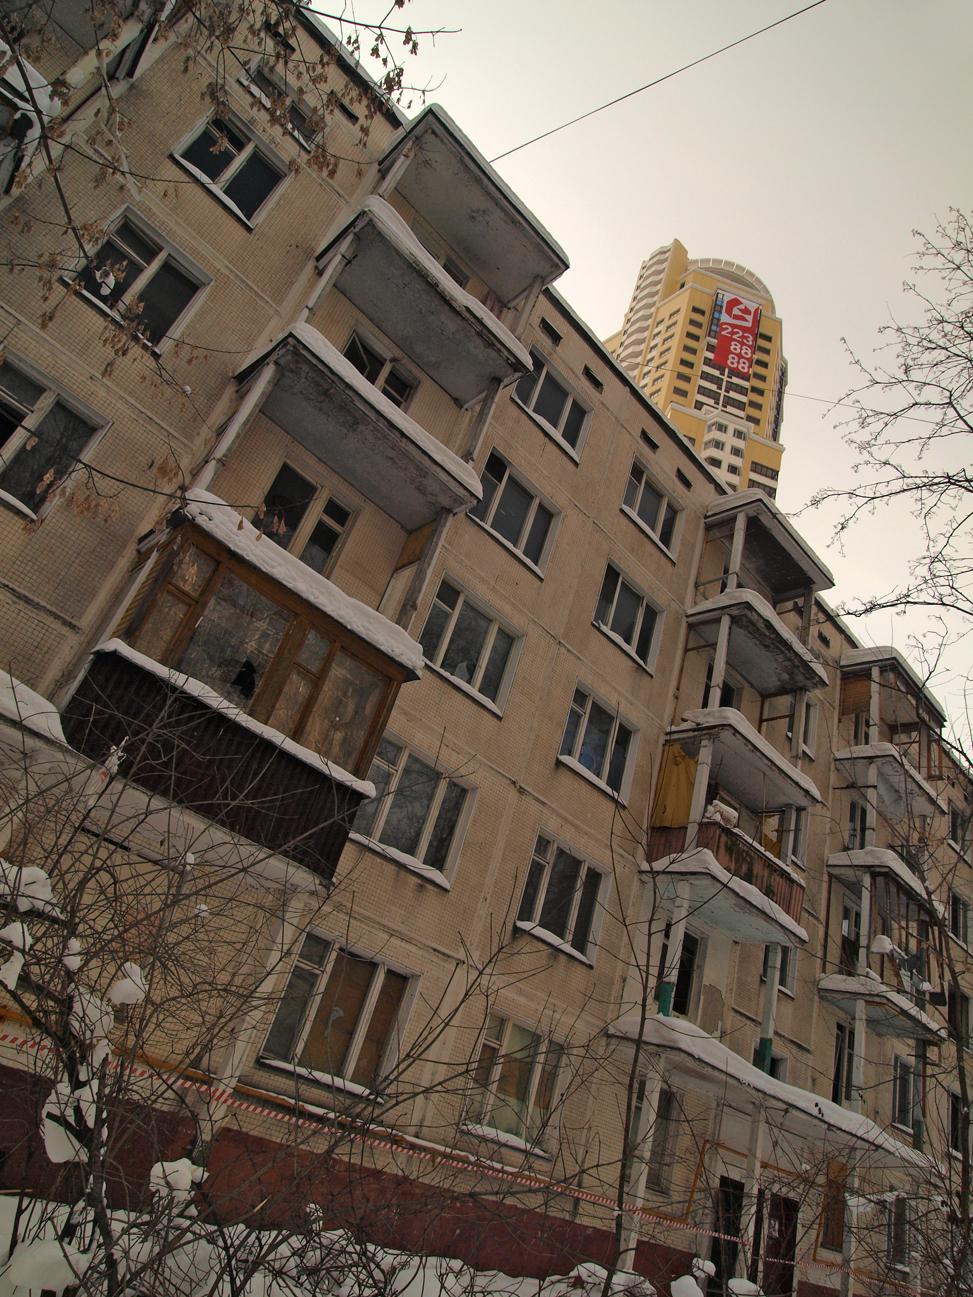 http://img-fotki.yandex.ru/get/5503/parktower99911.35/0_41f07_a15ddc7b_orig